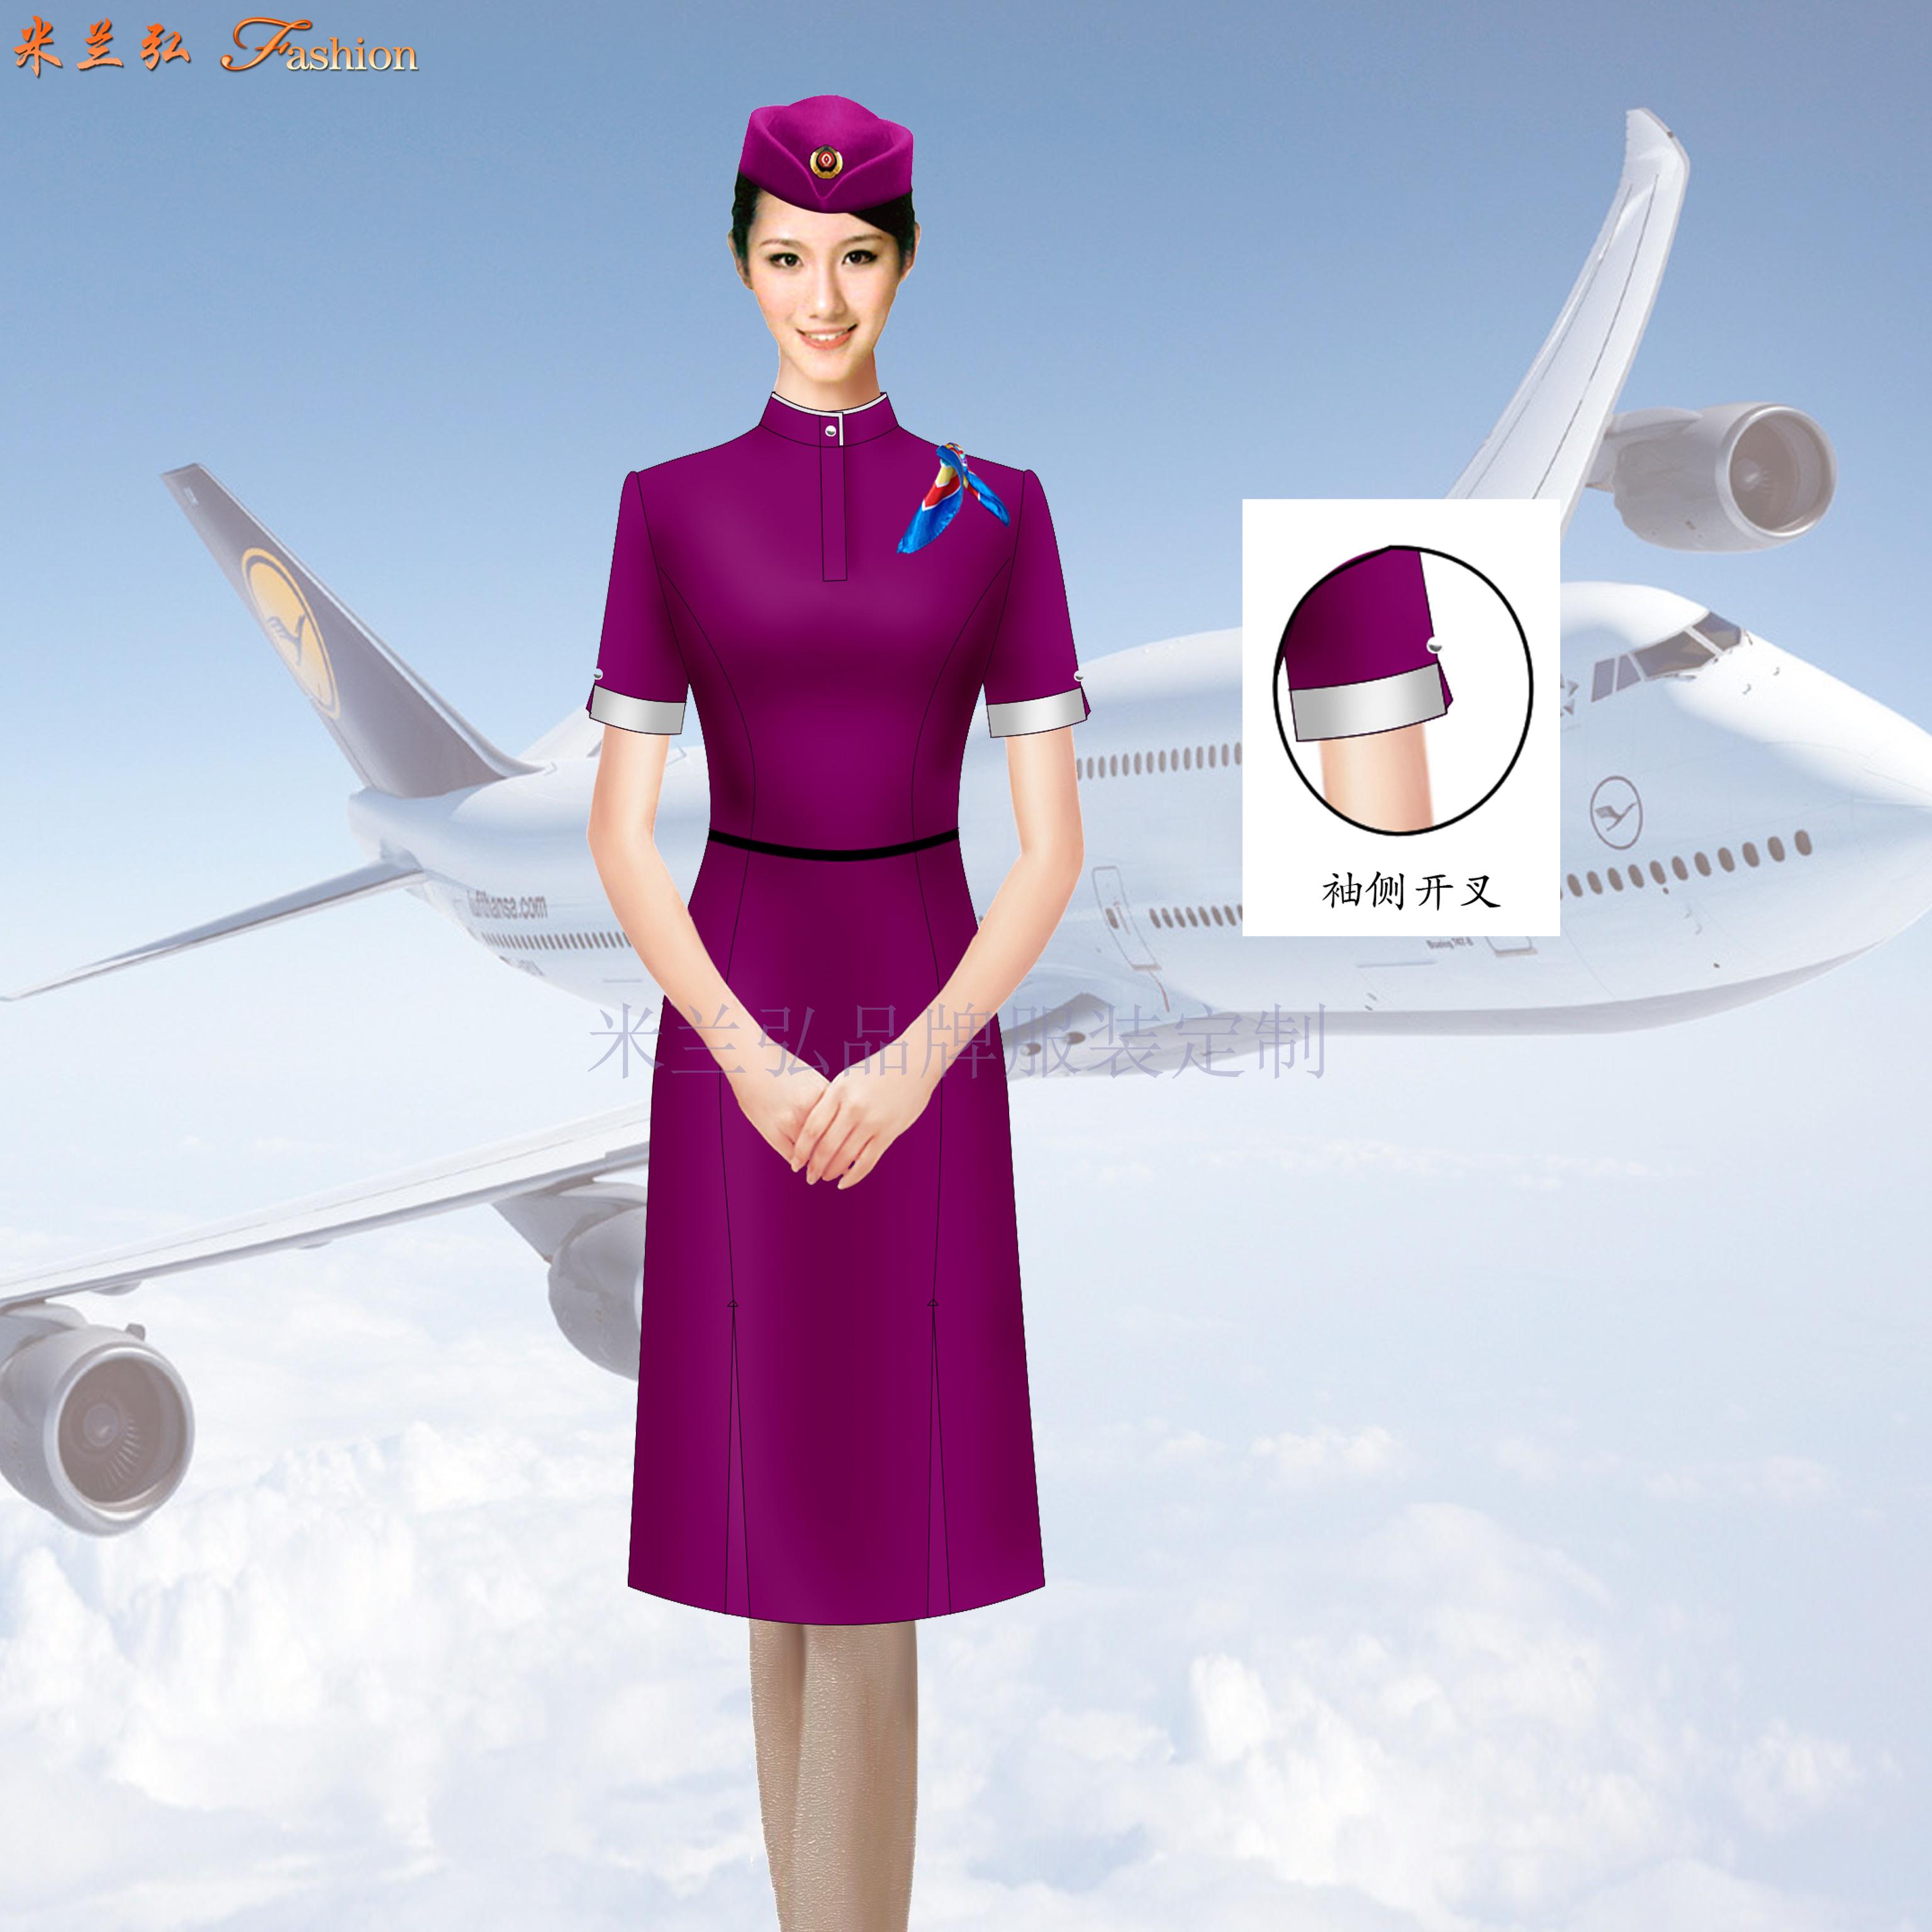 空姐連衣裙製服圖片|高鐵乘務員中式立領連衣裙定做-湖北快3服裝-1